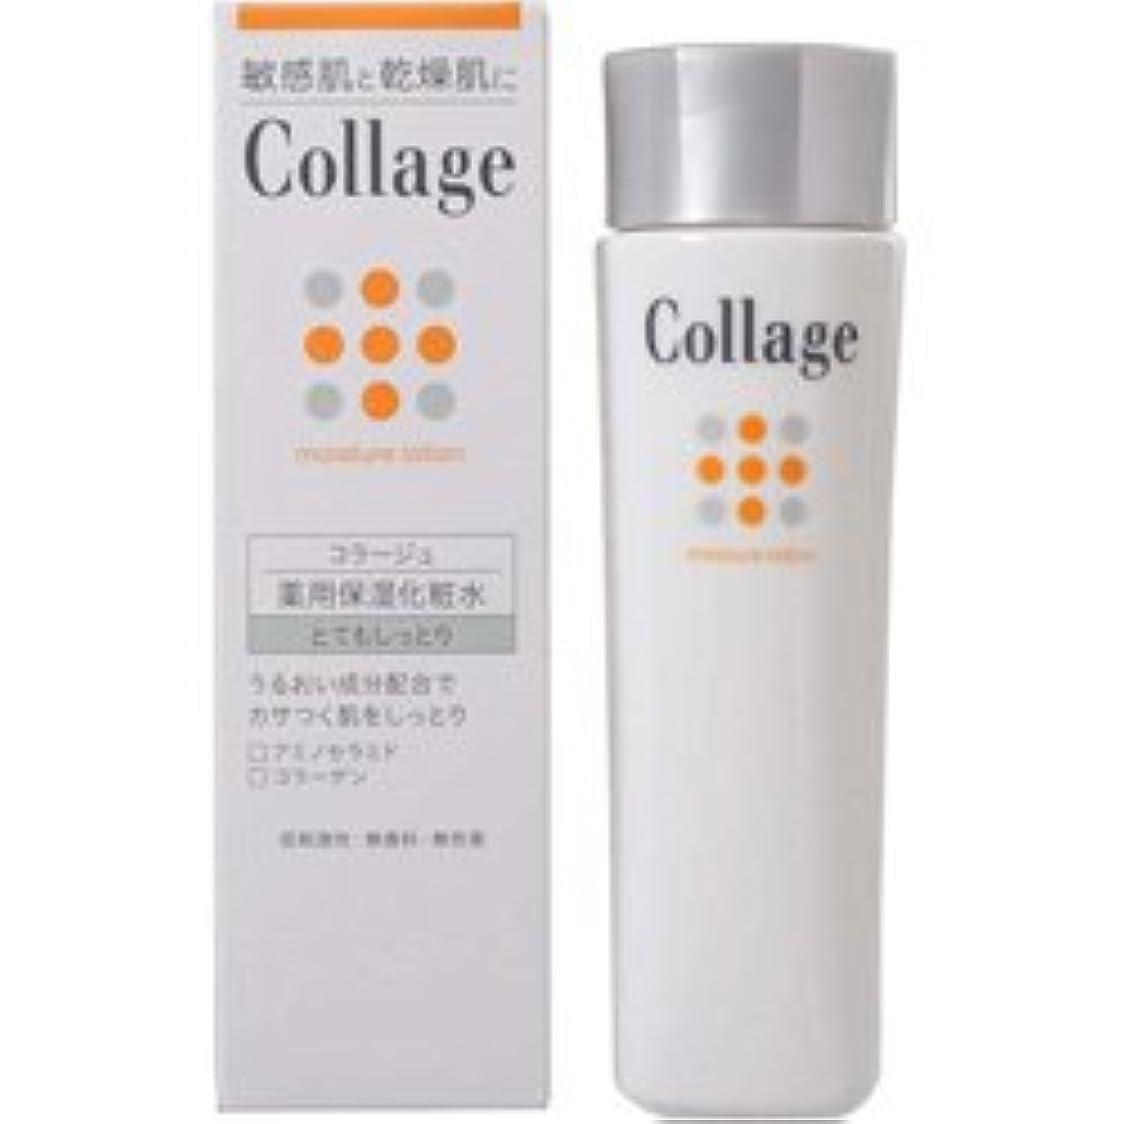 運河血統笑【持田ヘルスケア】 コラージュ薬用保湿化粧水 とてもしっとり 120ml (医薬部外品) ×3個セット